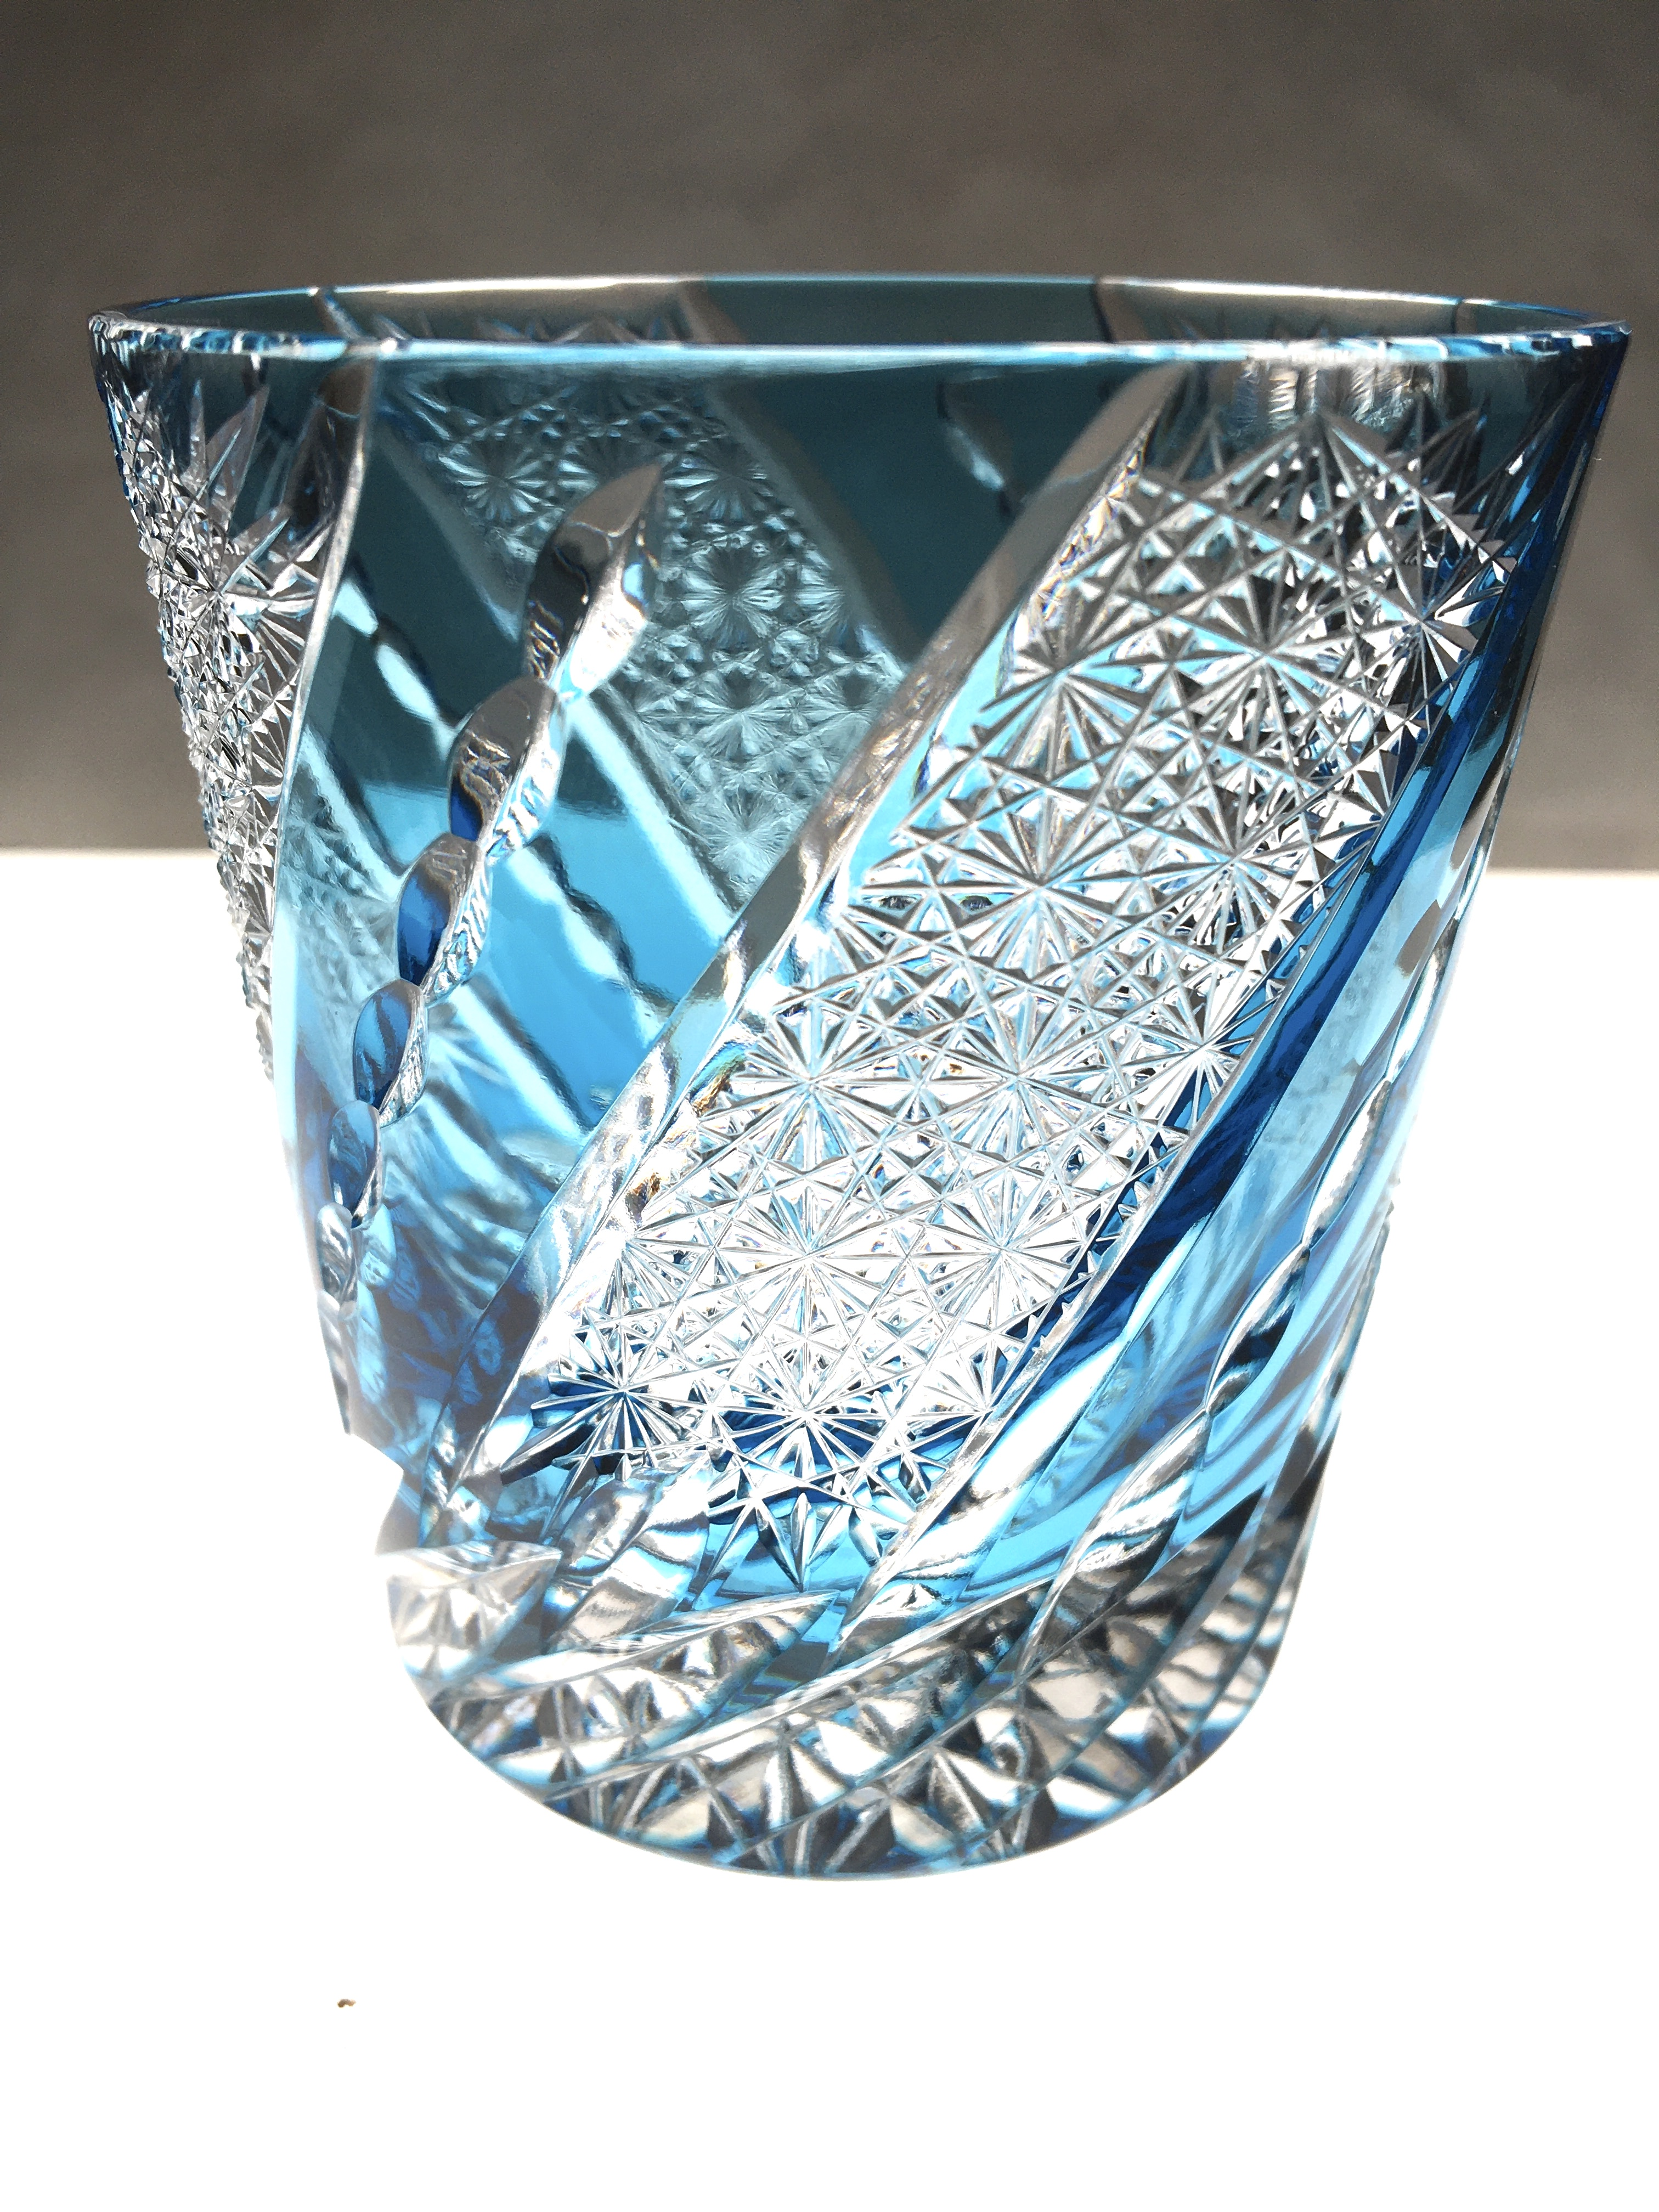 江戸切子 クリスタルガラスのロックグラス(風車)